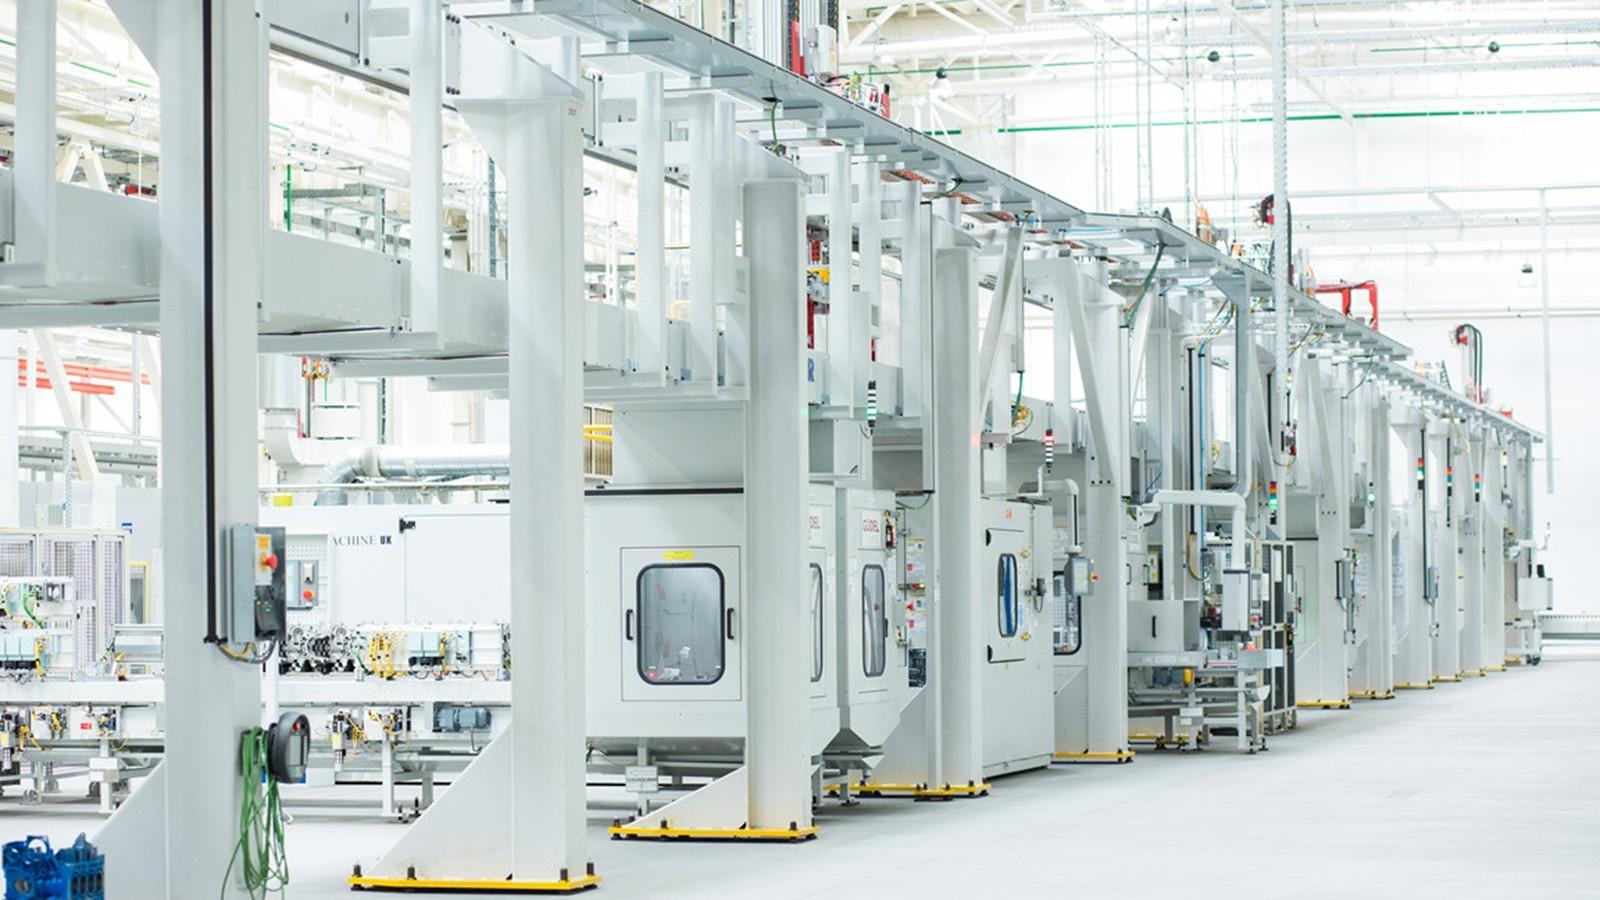 Форд Sollers отмечает годовщину производства моторов в РФ